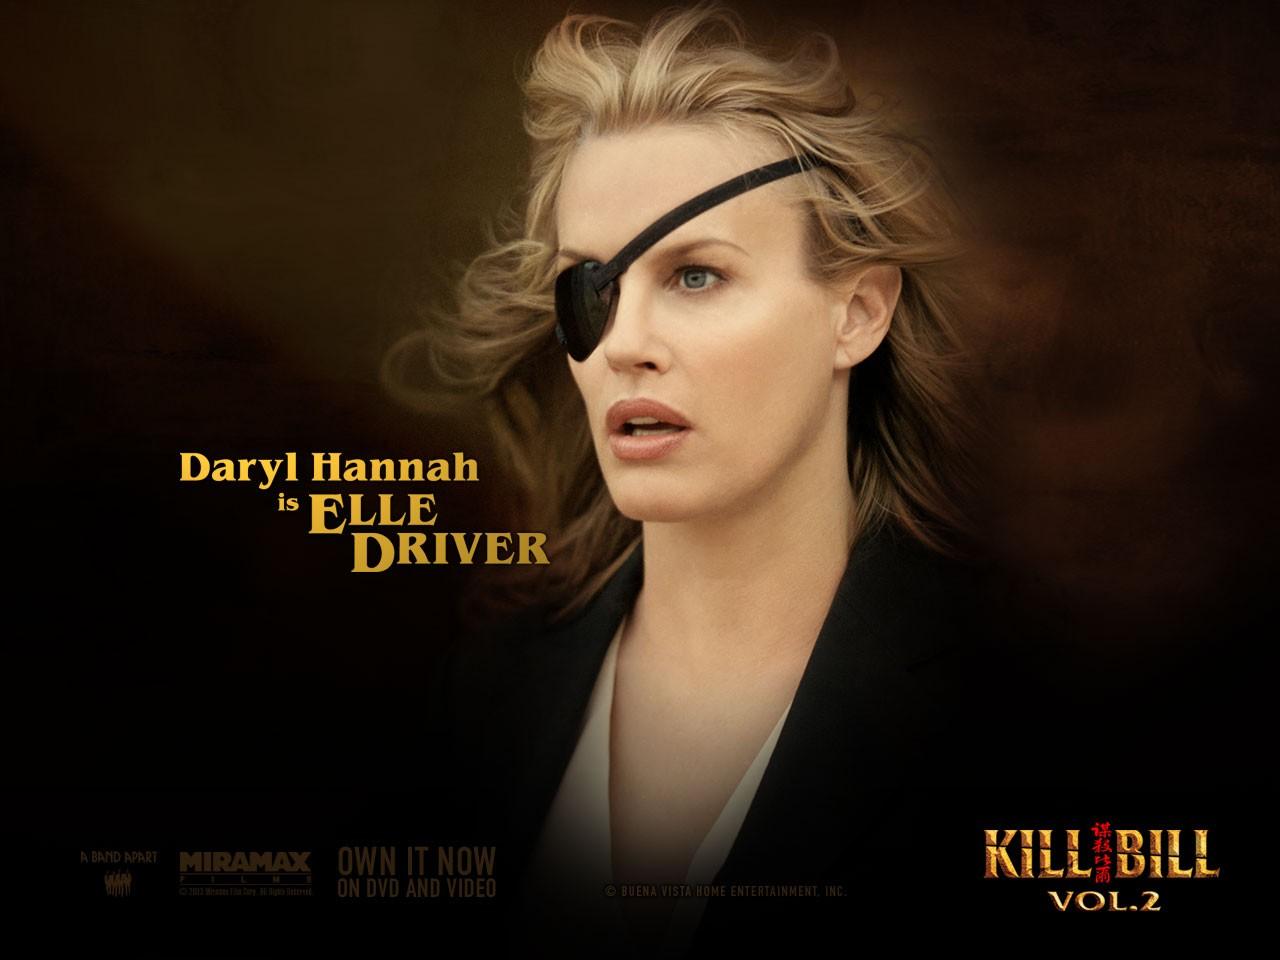 Un wallpaper di Daryl Hannah che interpreta Elle Driver nel film 'Kill Bill: Volume 2'